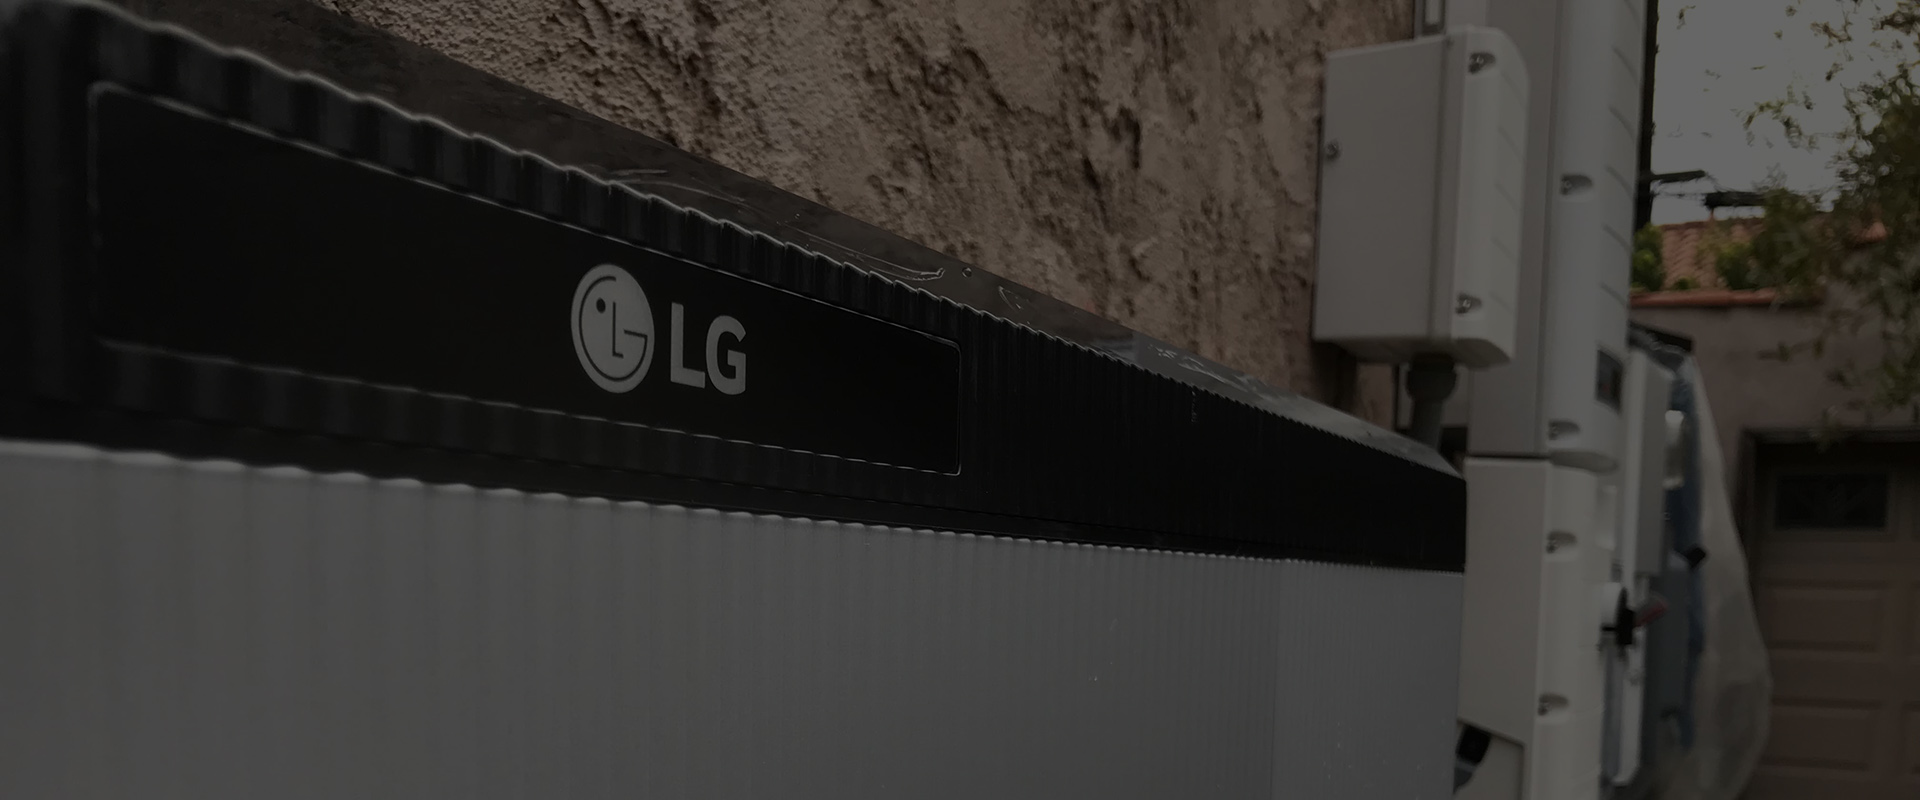 LG Solar Battery Backup